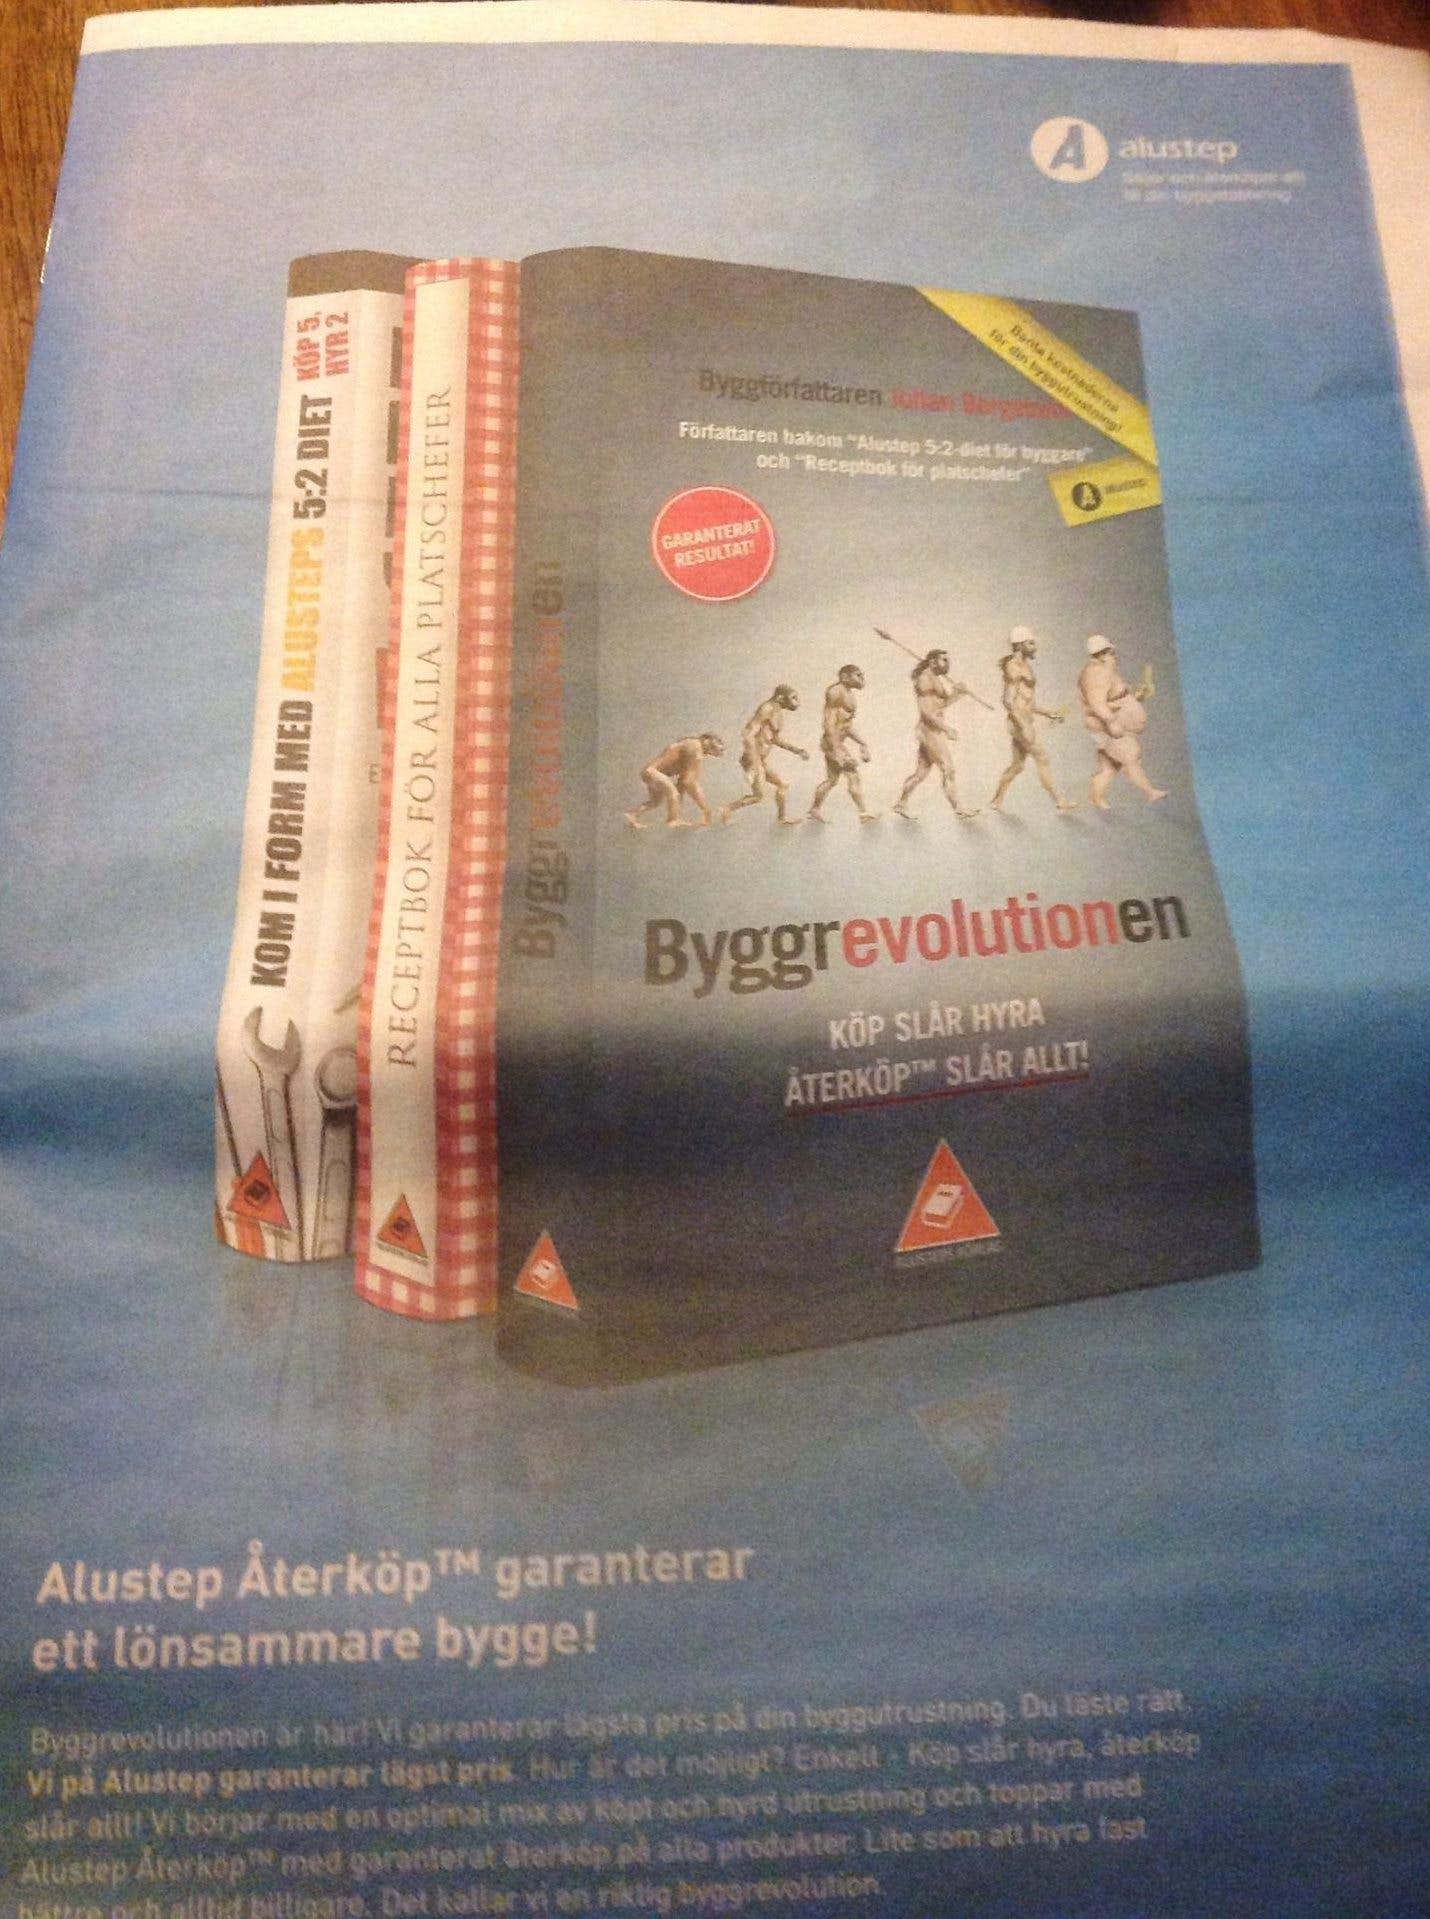 byggrevolutionen